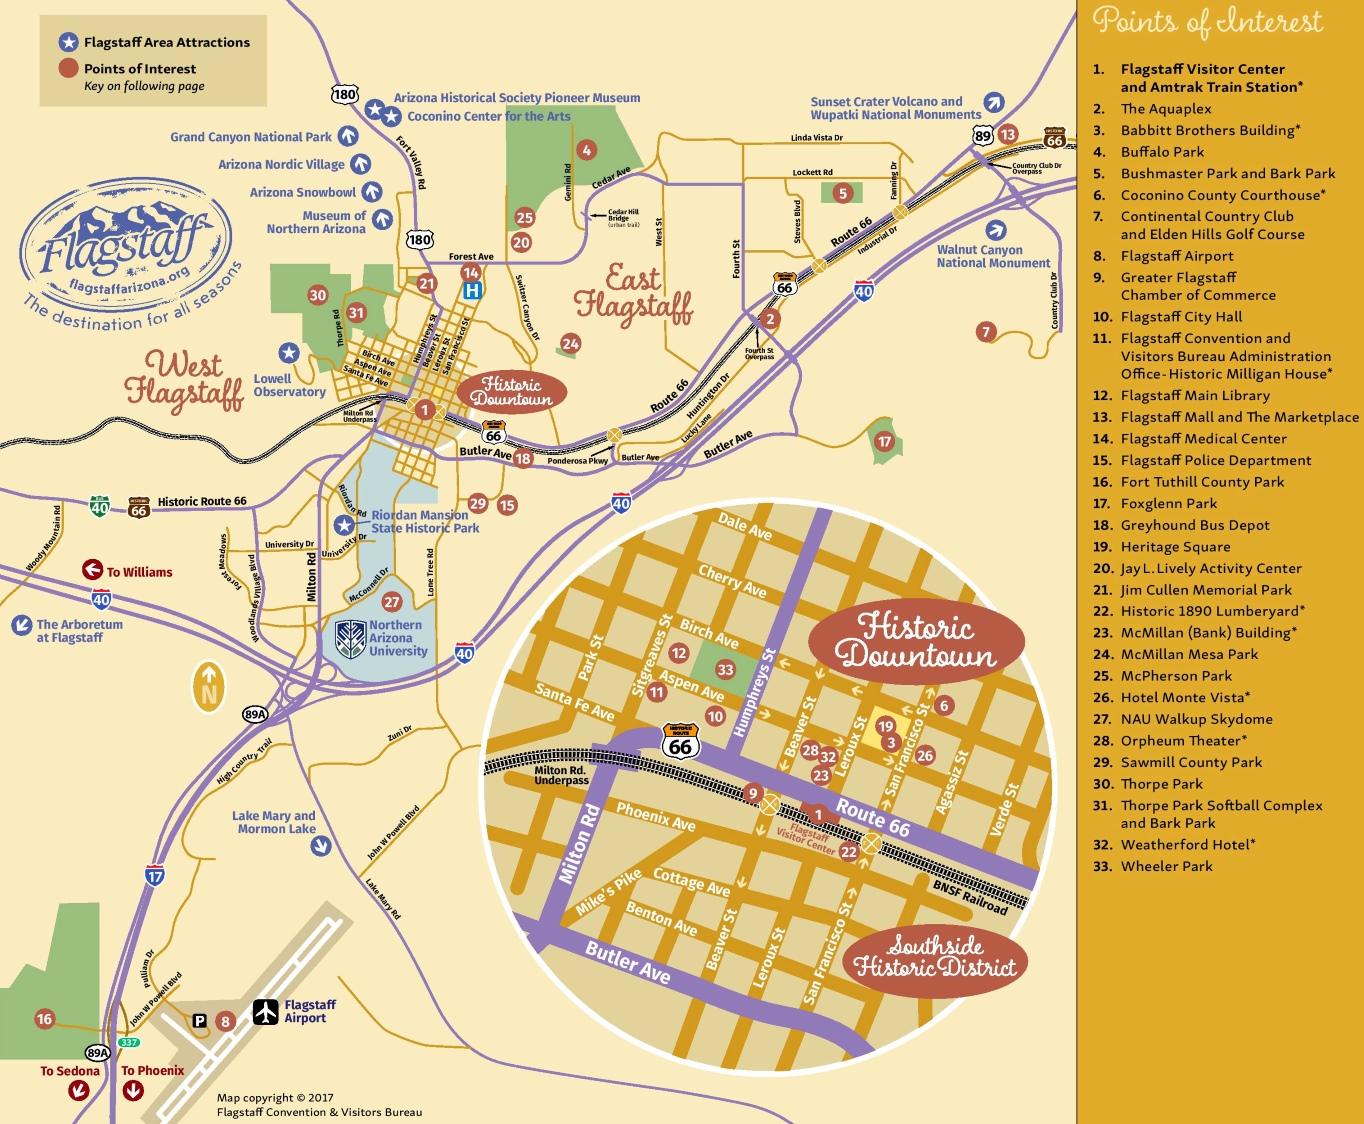 Flagstaff tourist map